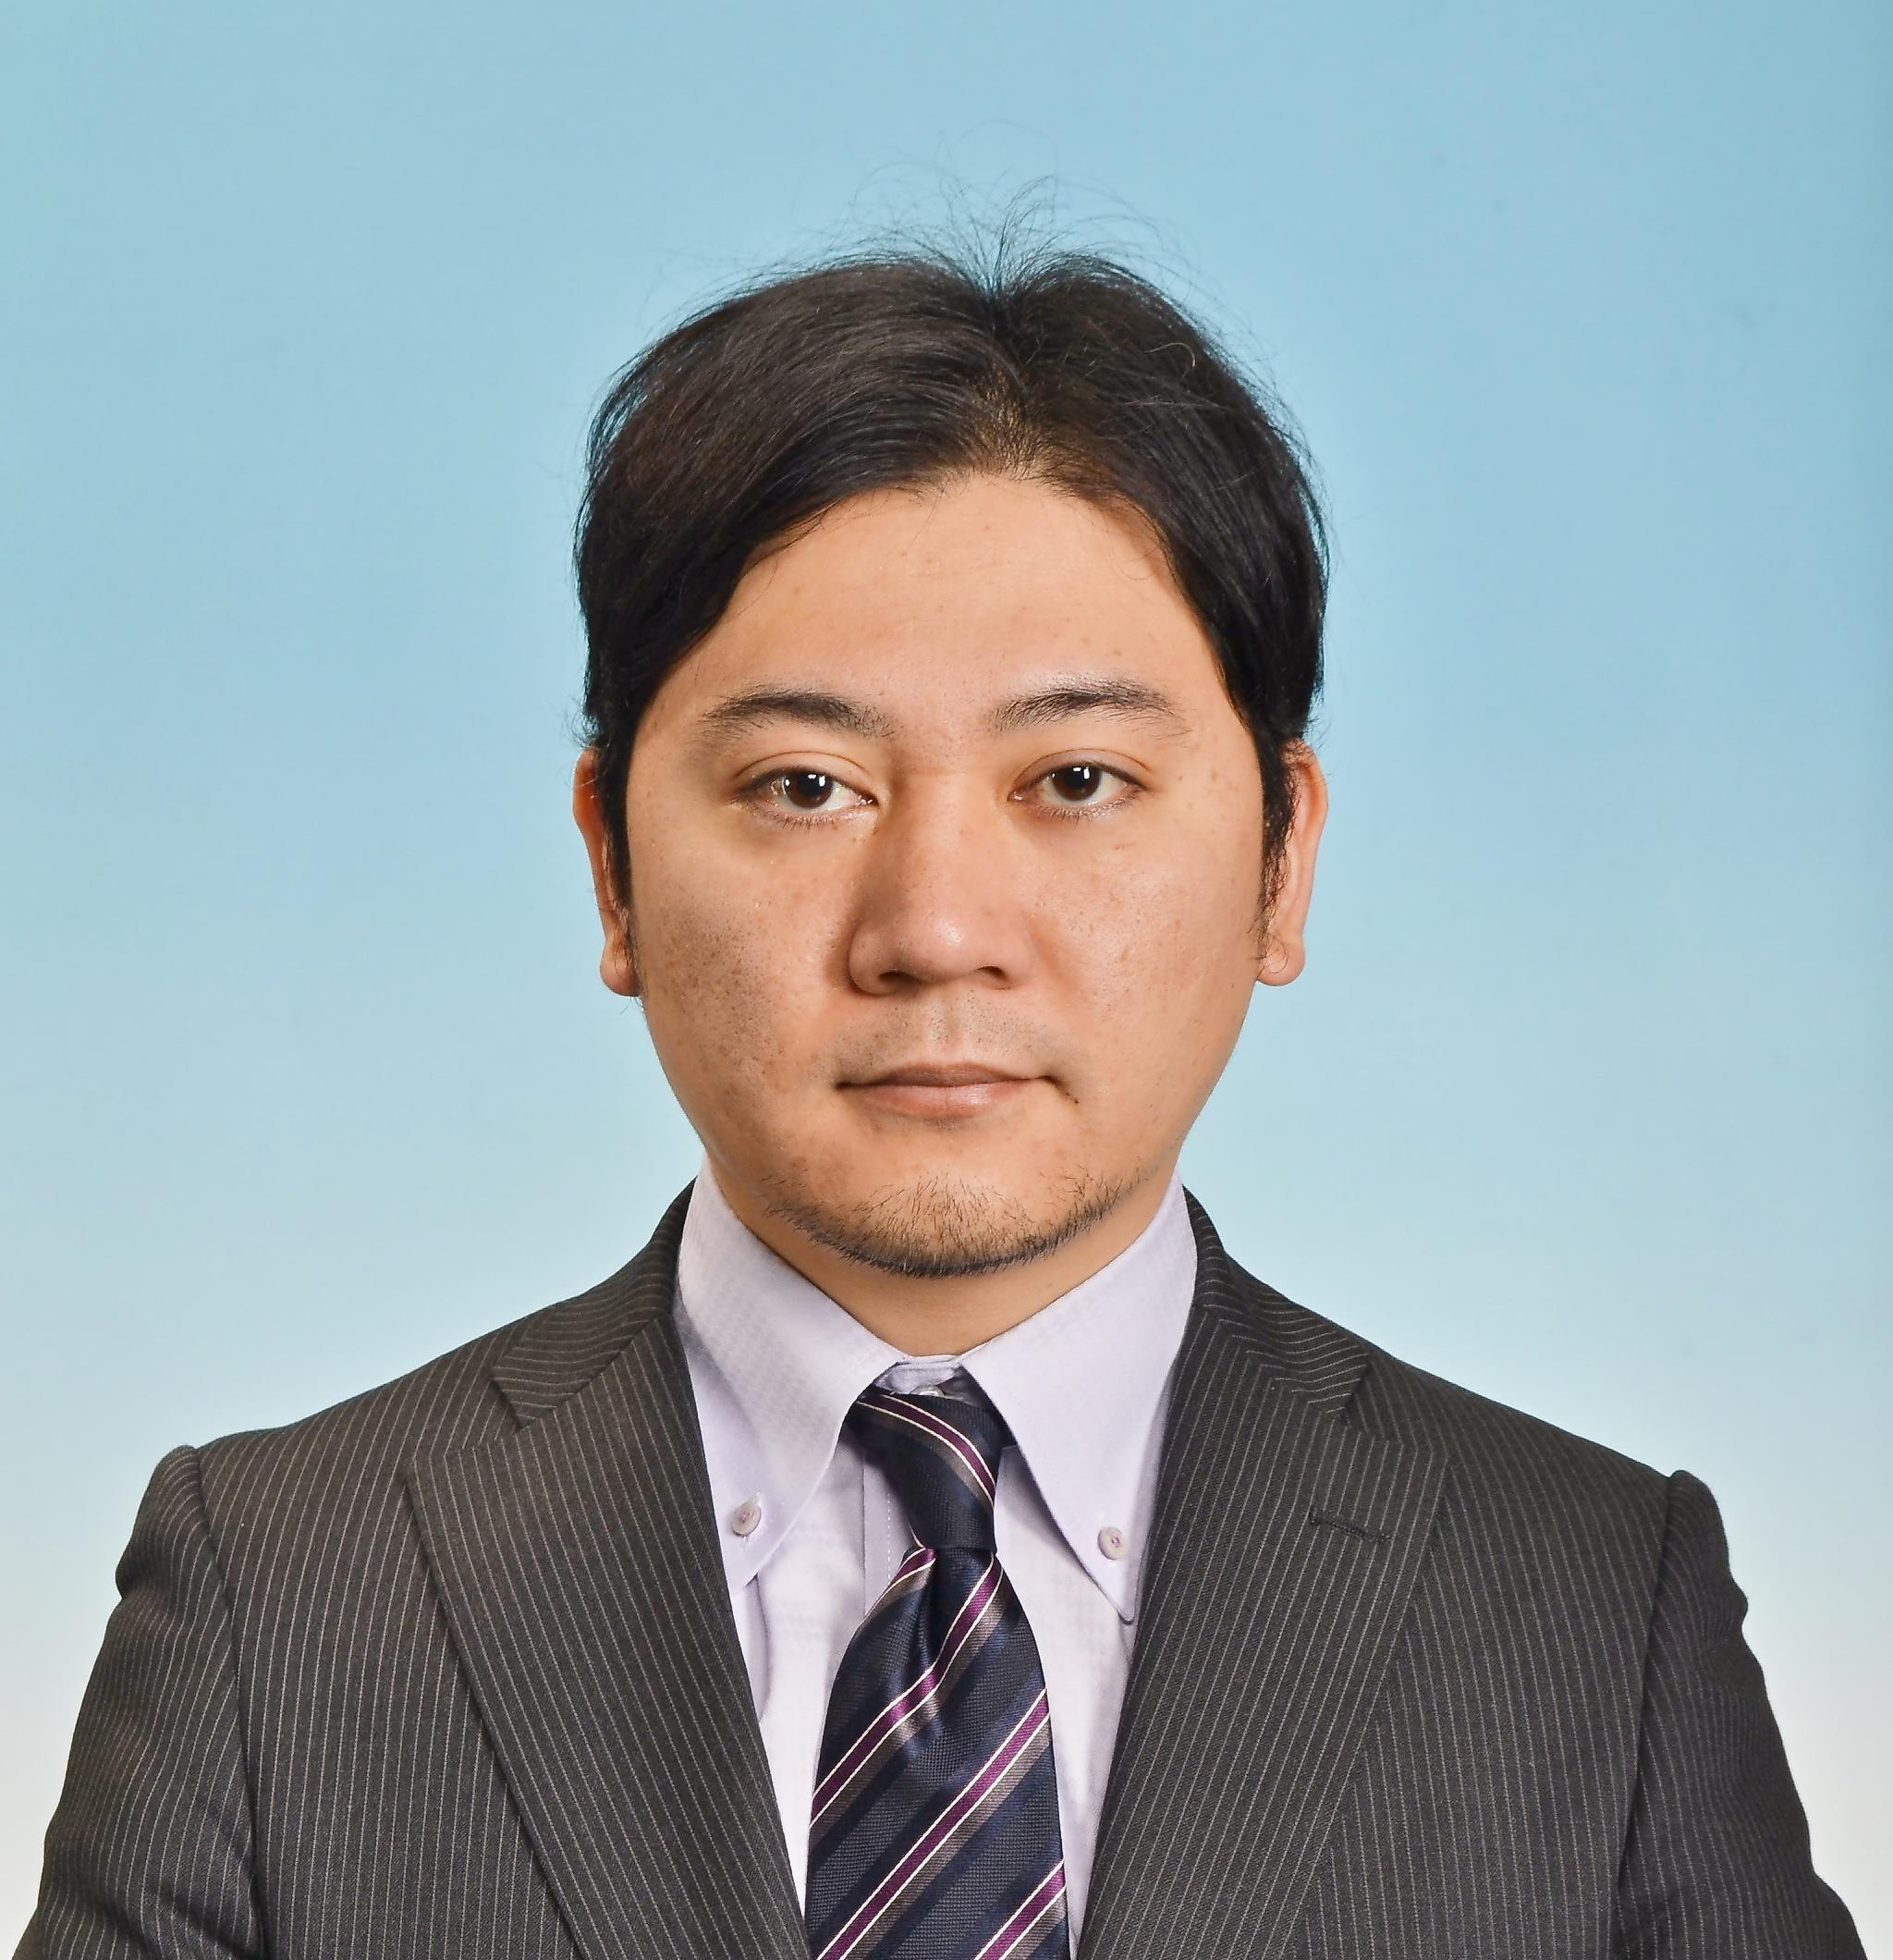 唐澤 太輔